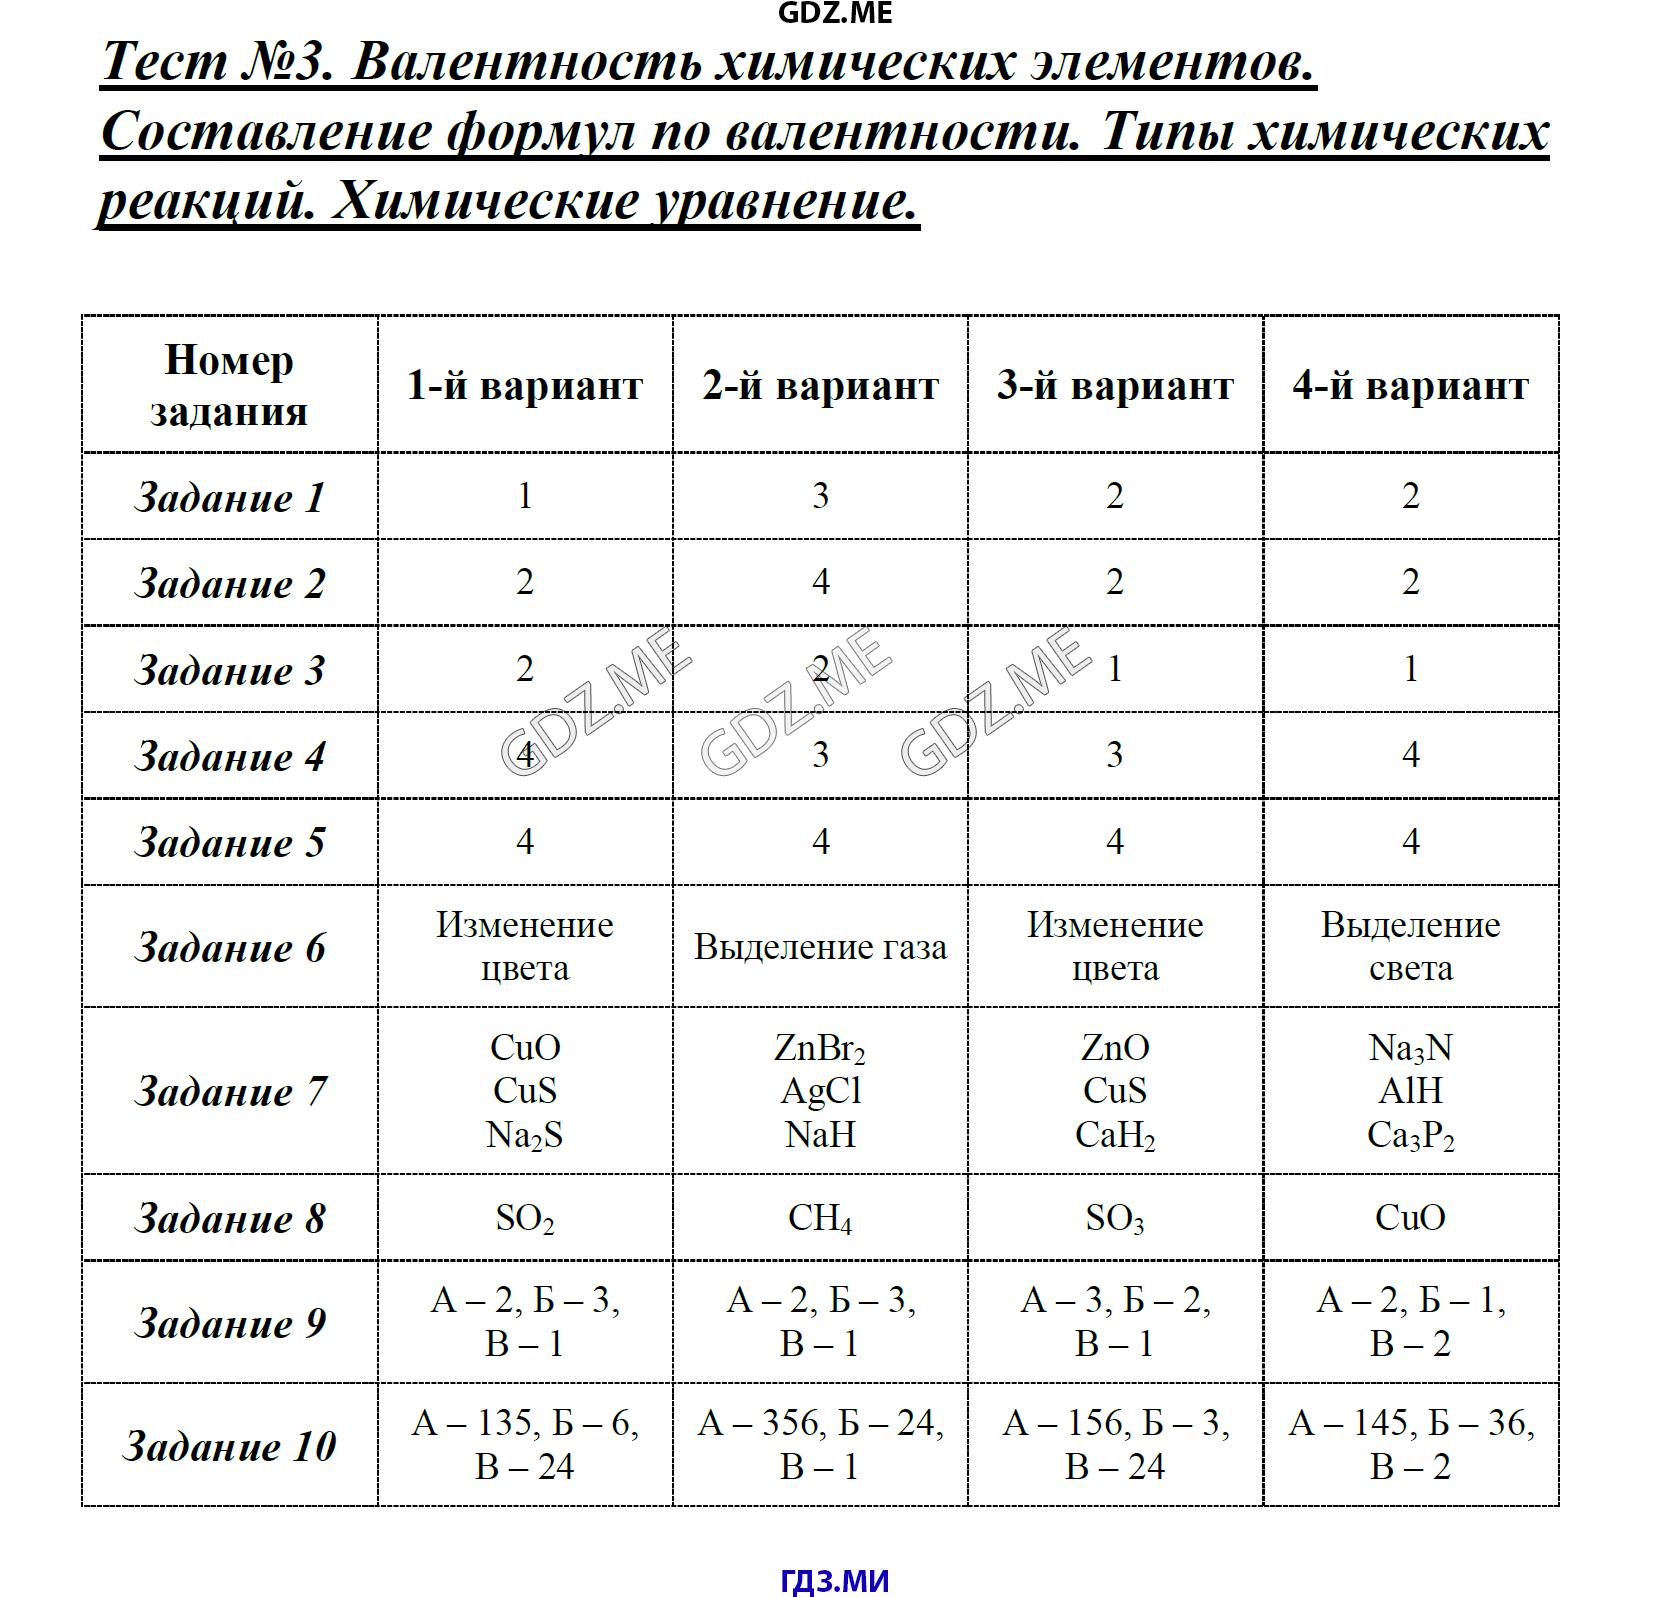 Тесты по химии 8 класс боровских скачать